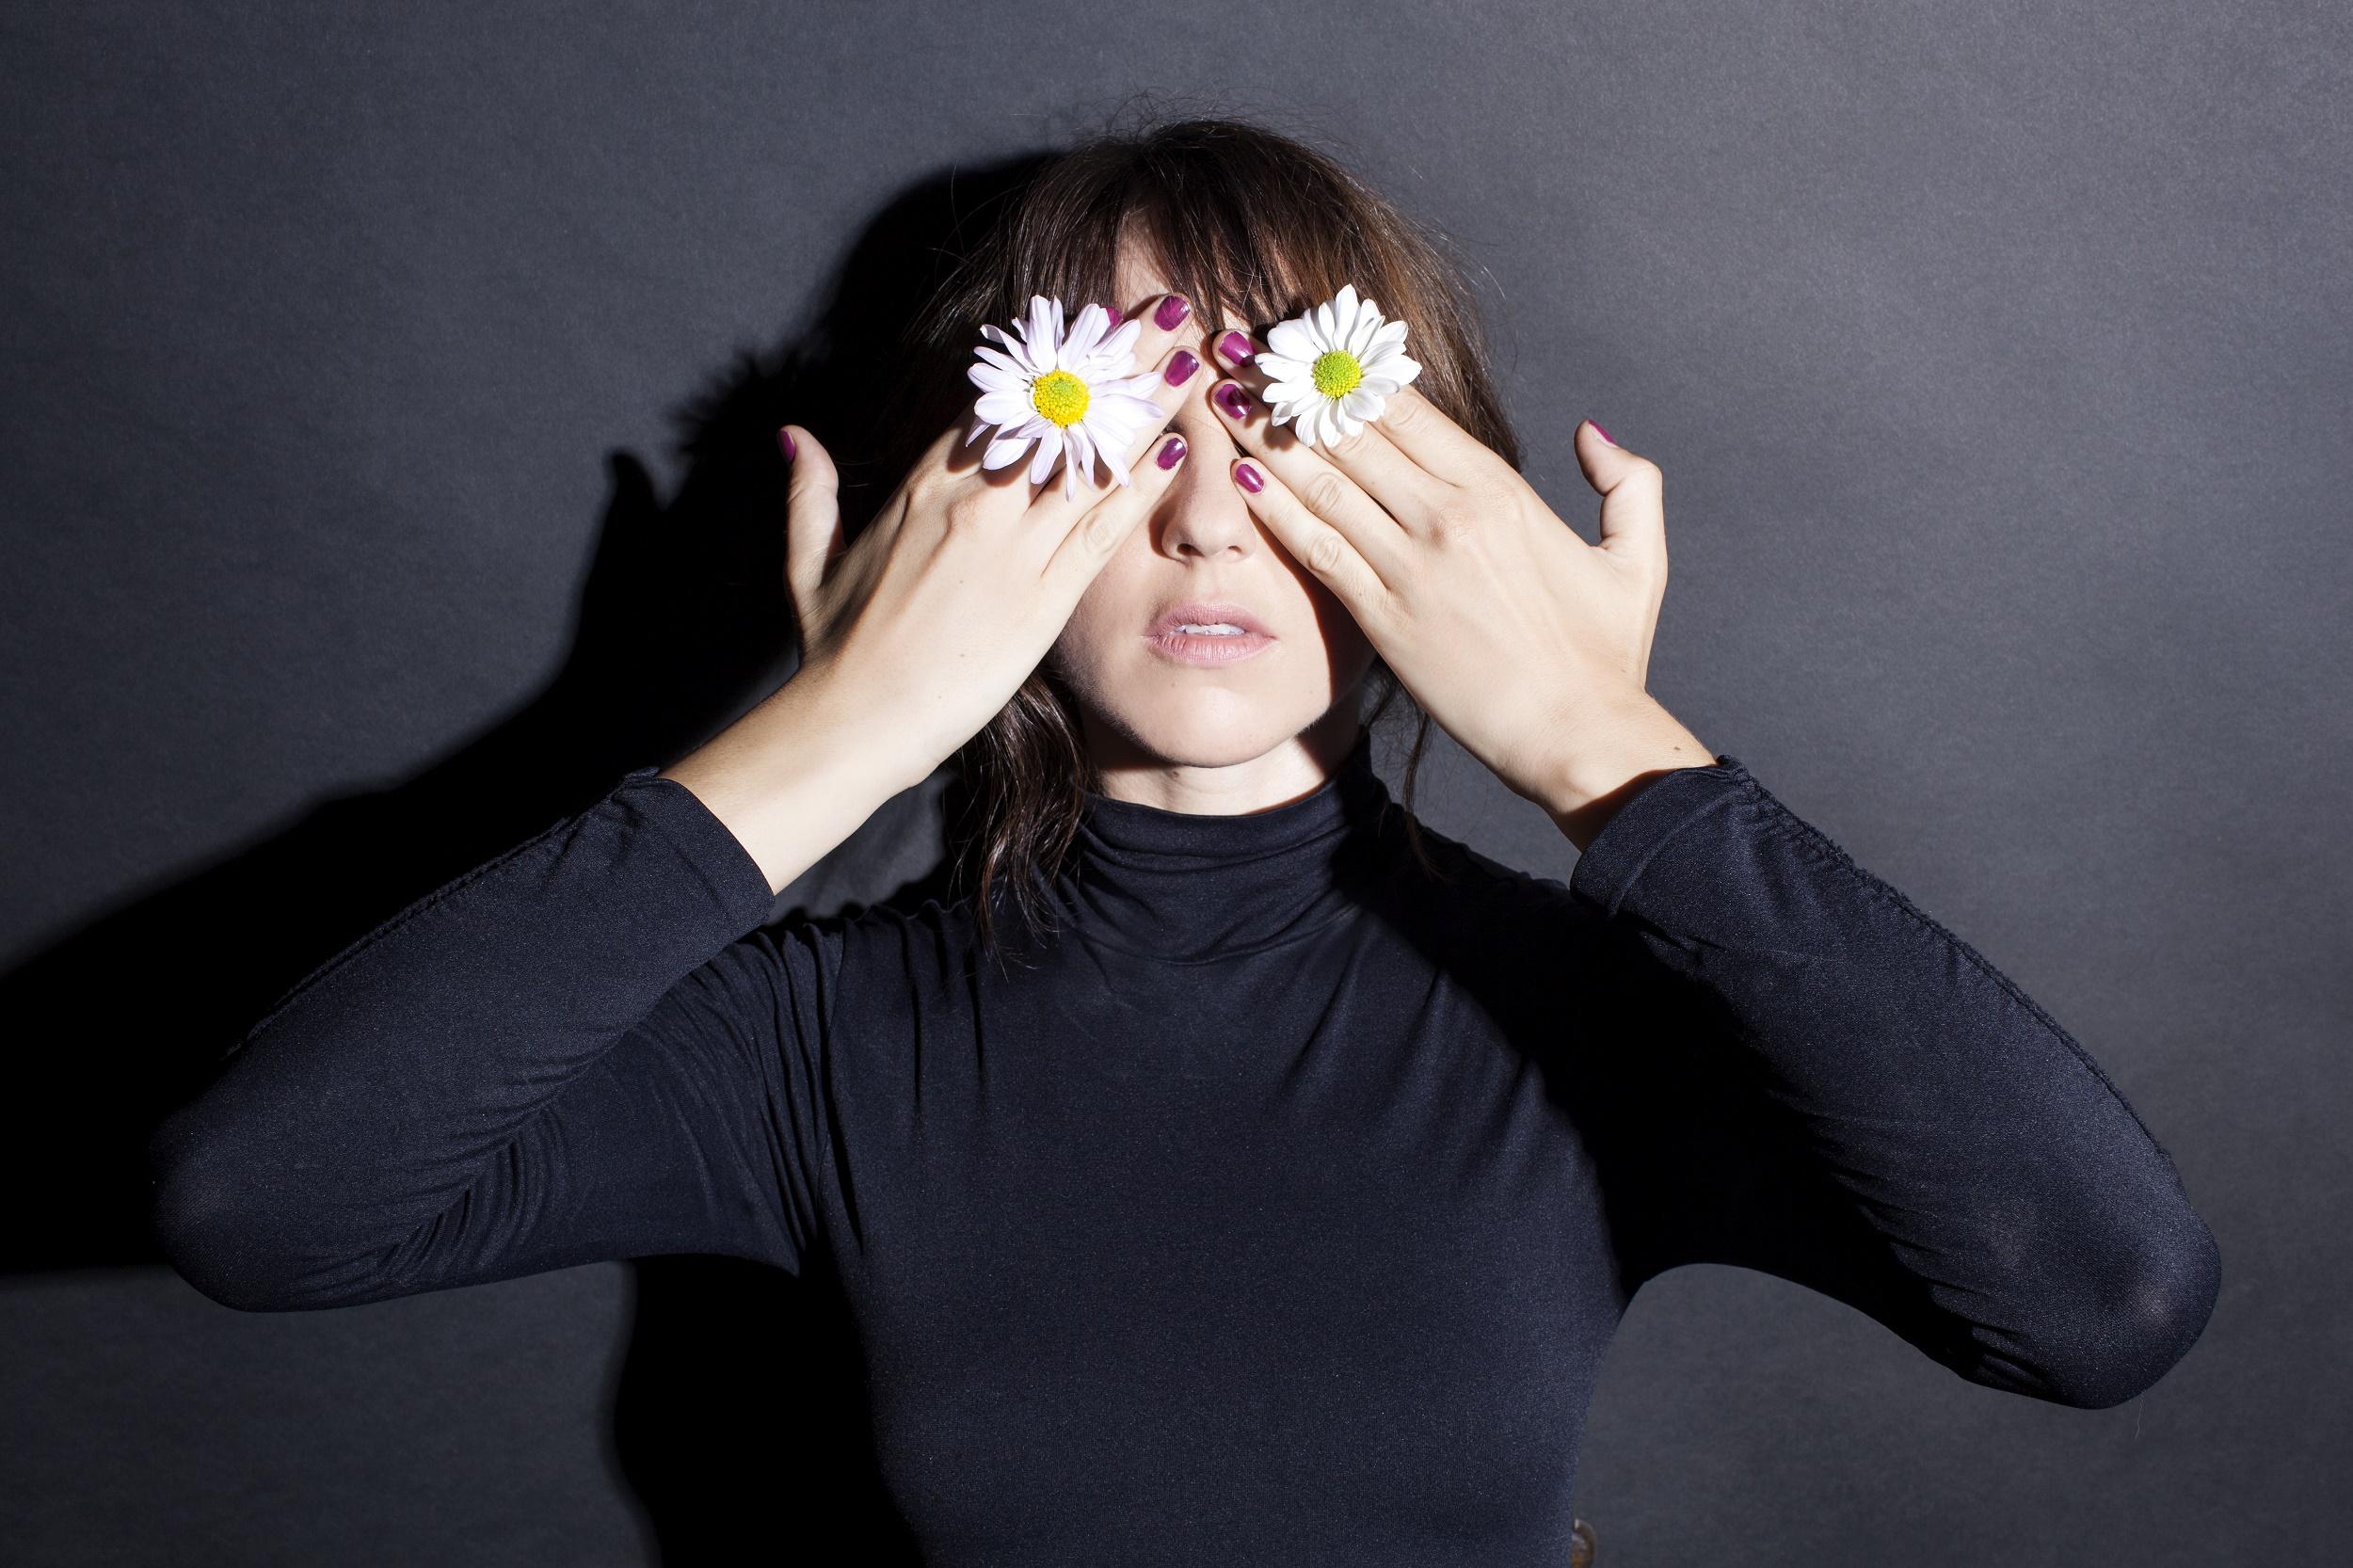 katie-burden-daisies-by-kristin-cofer